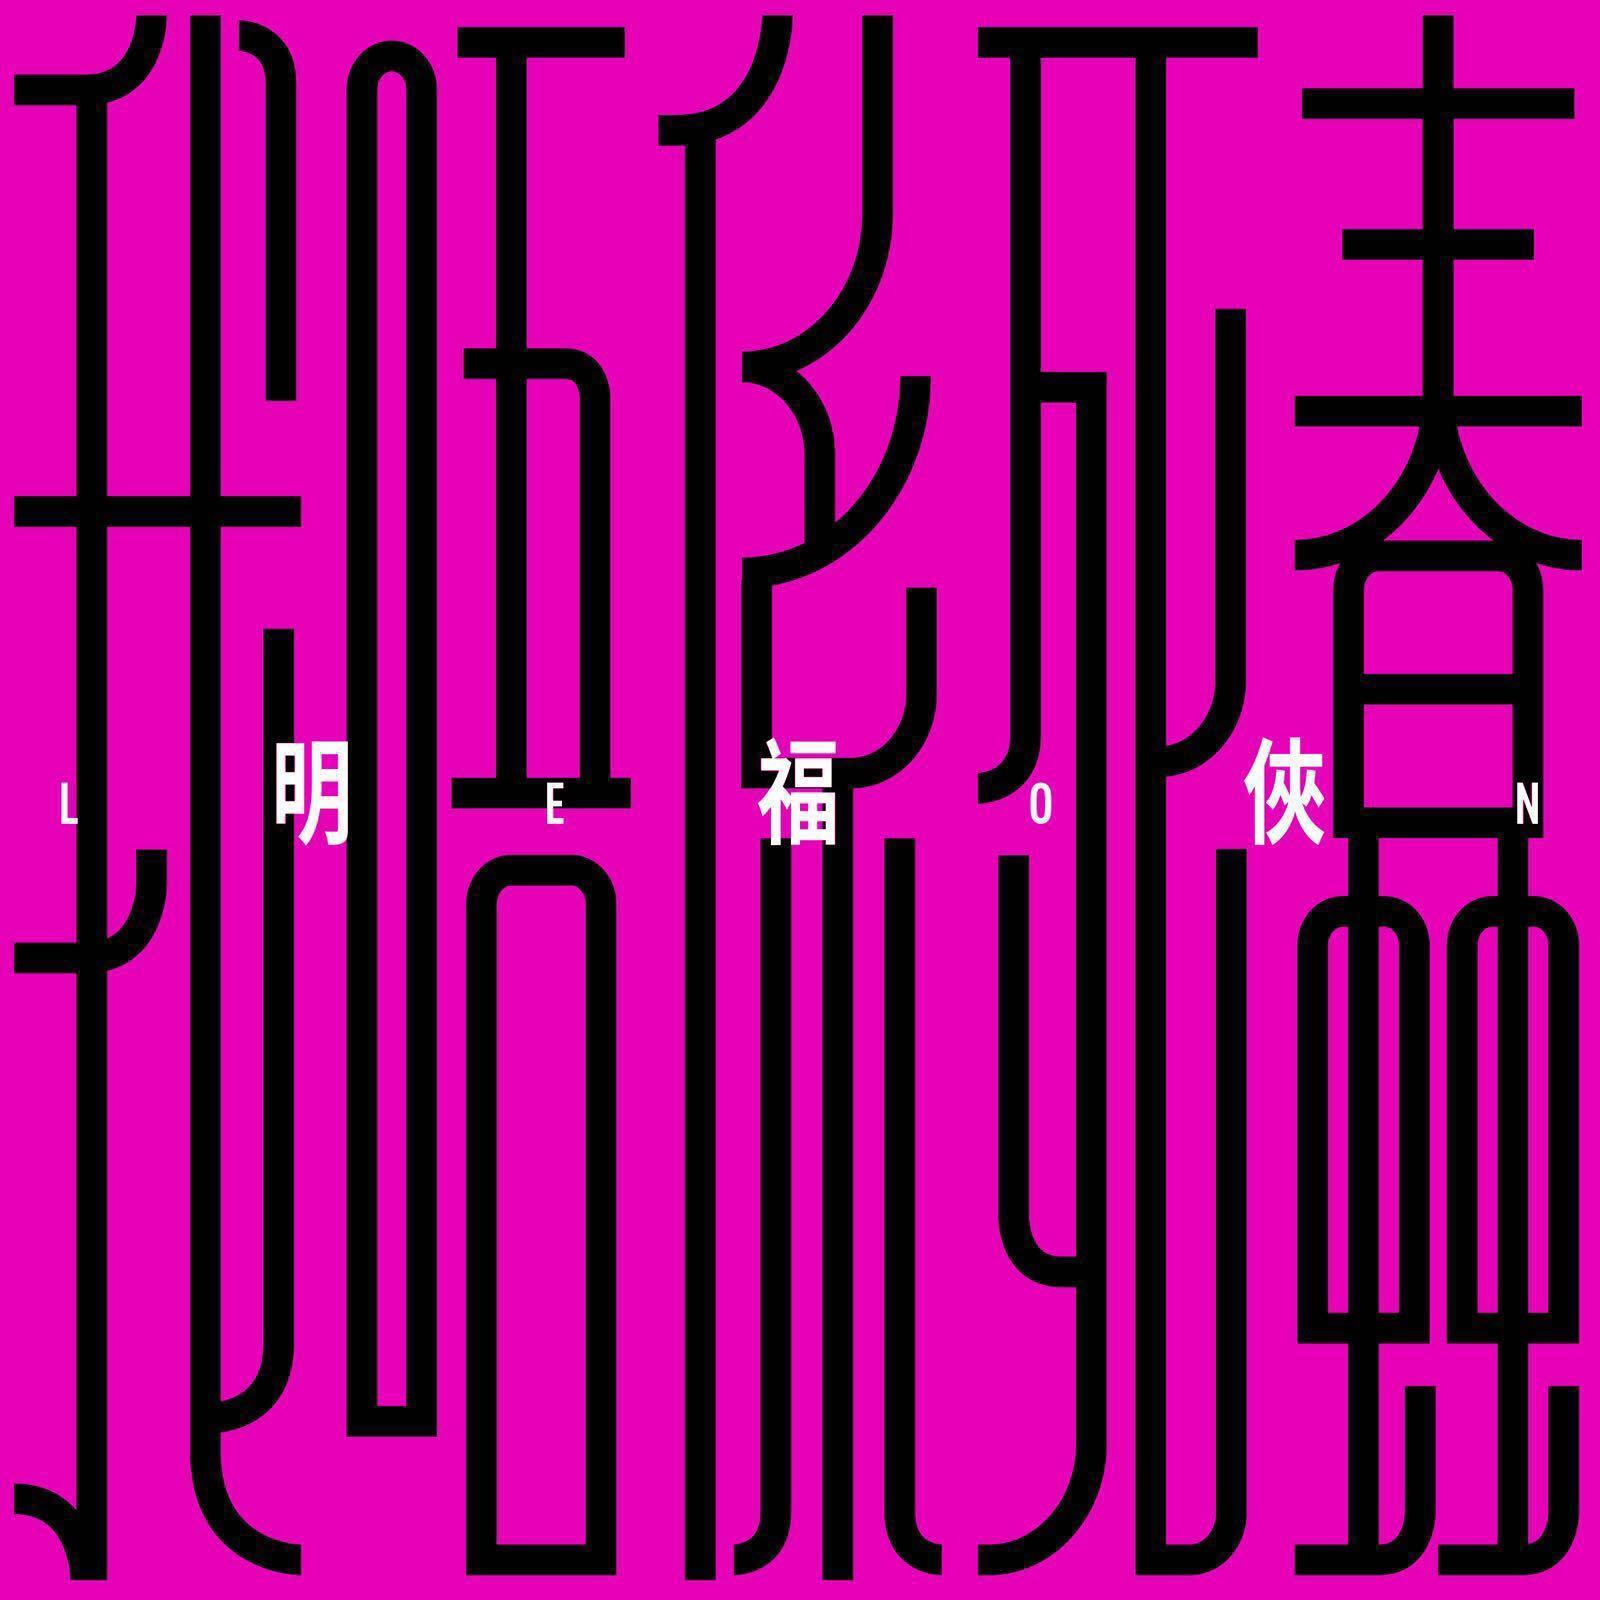 我唔系死蠢 - 明福侠 - 单曲 - 网易云音乐